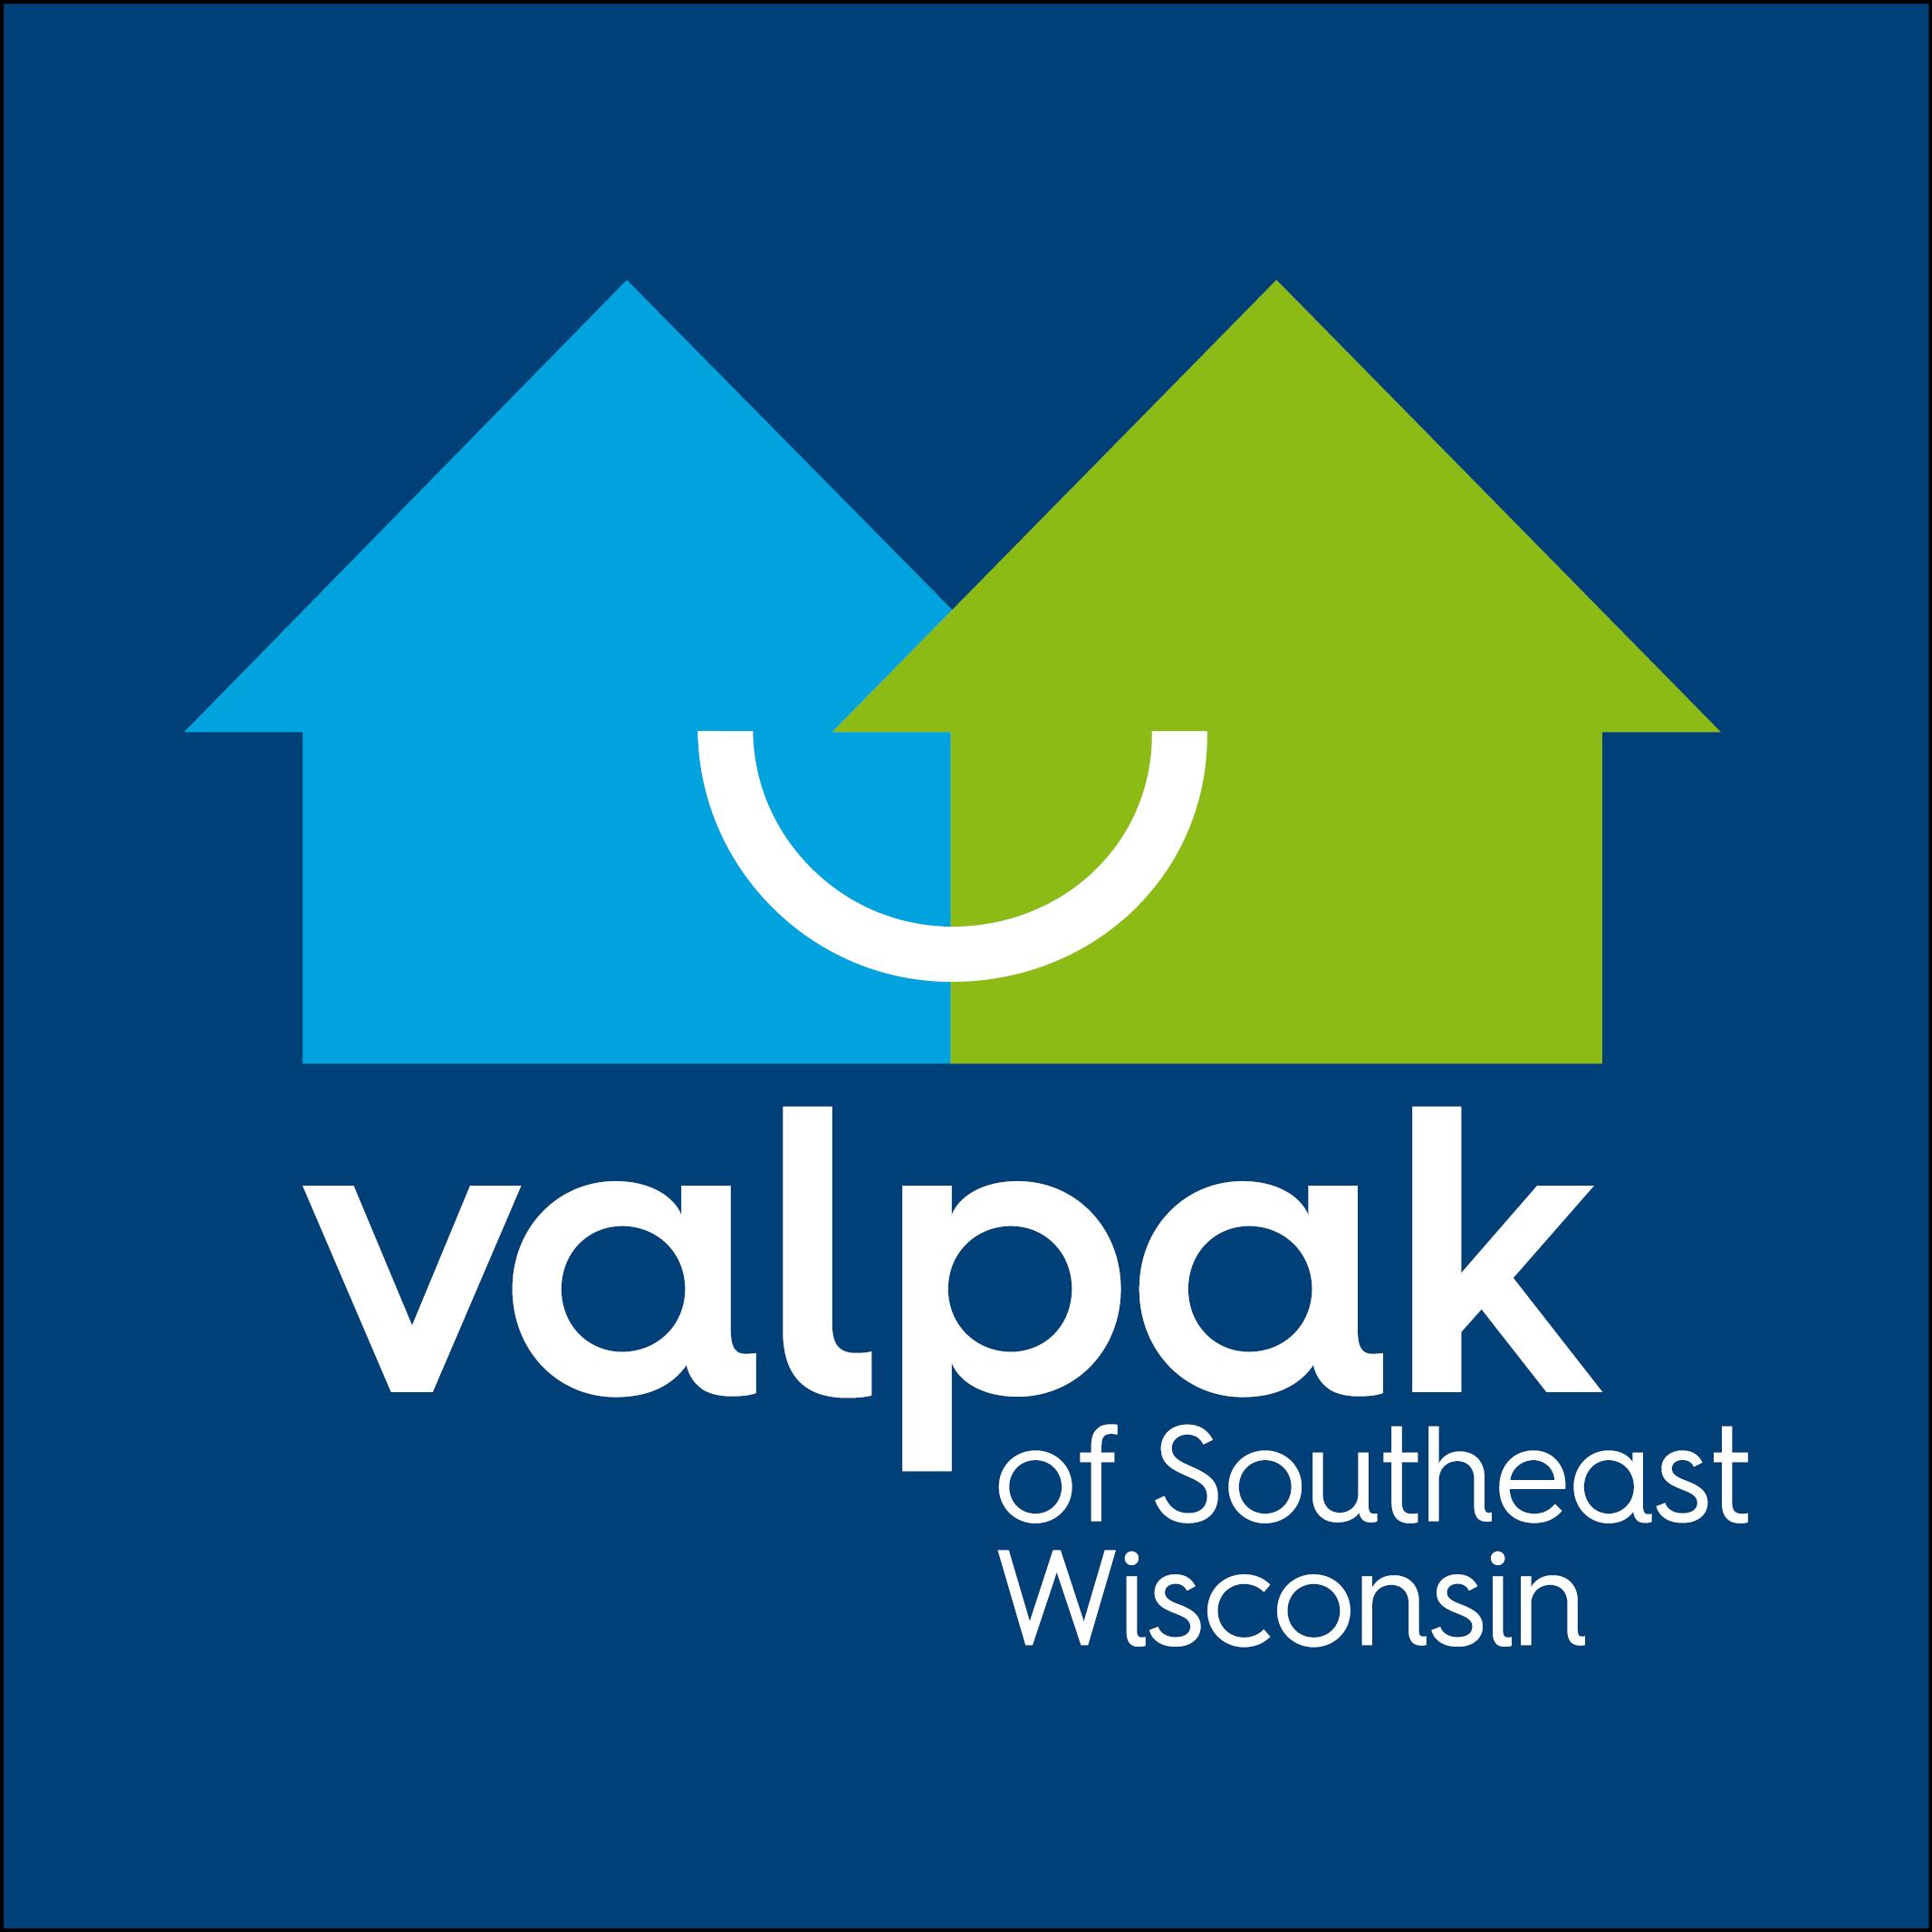 Valpak of Southeast Wisconsin